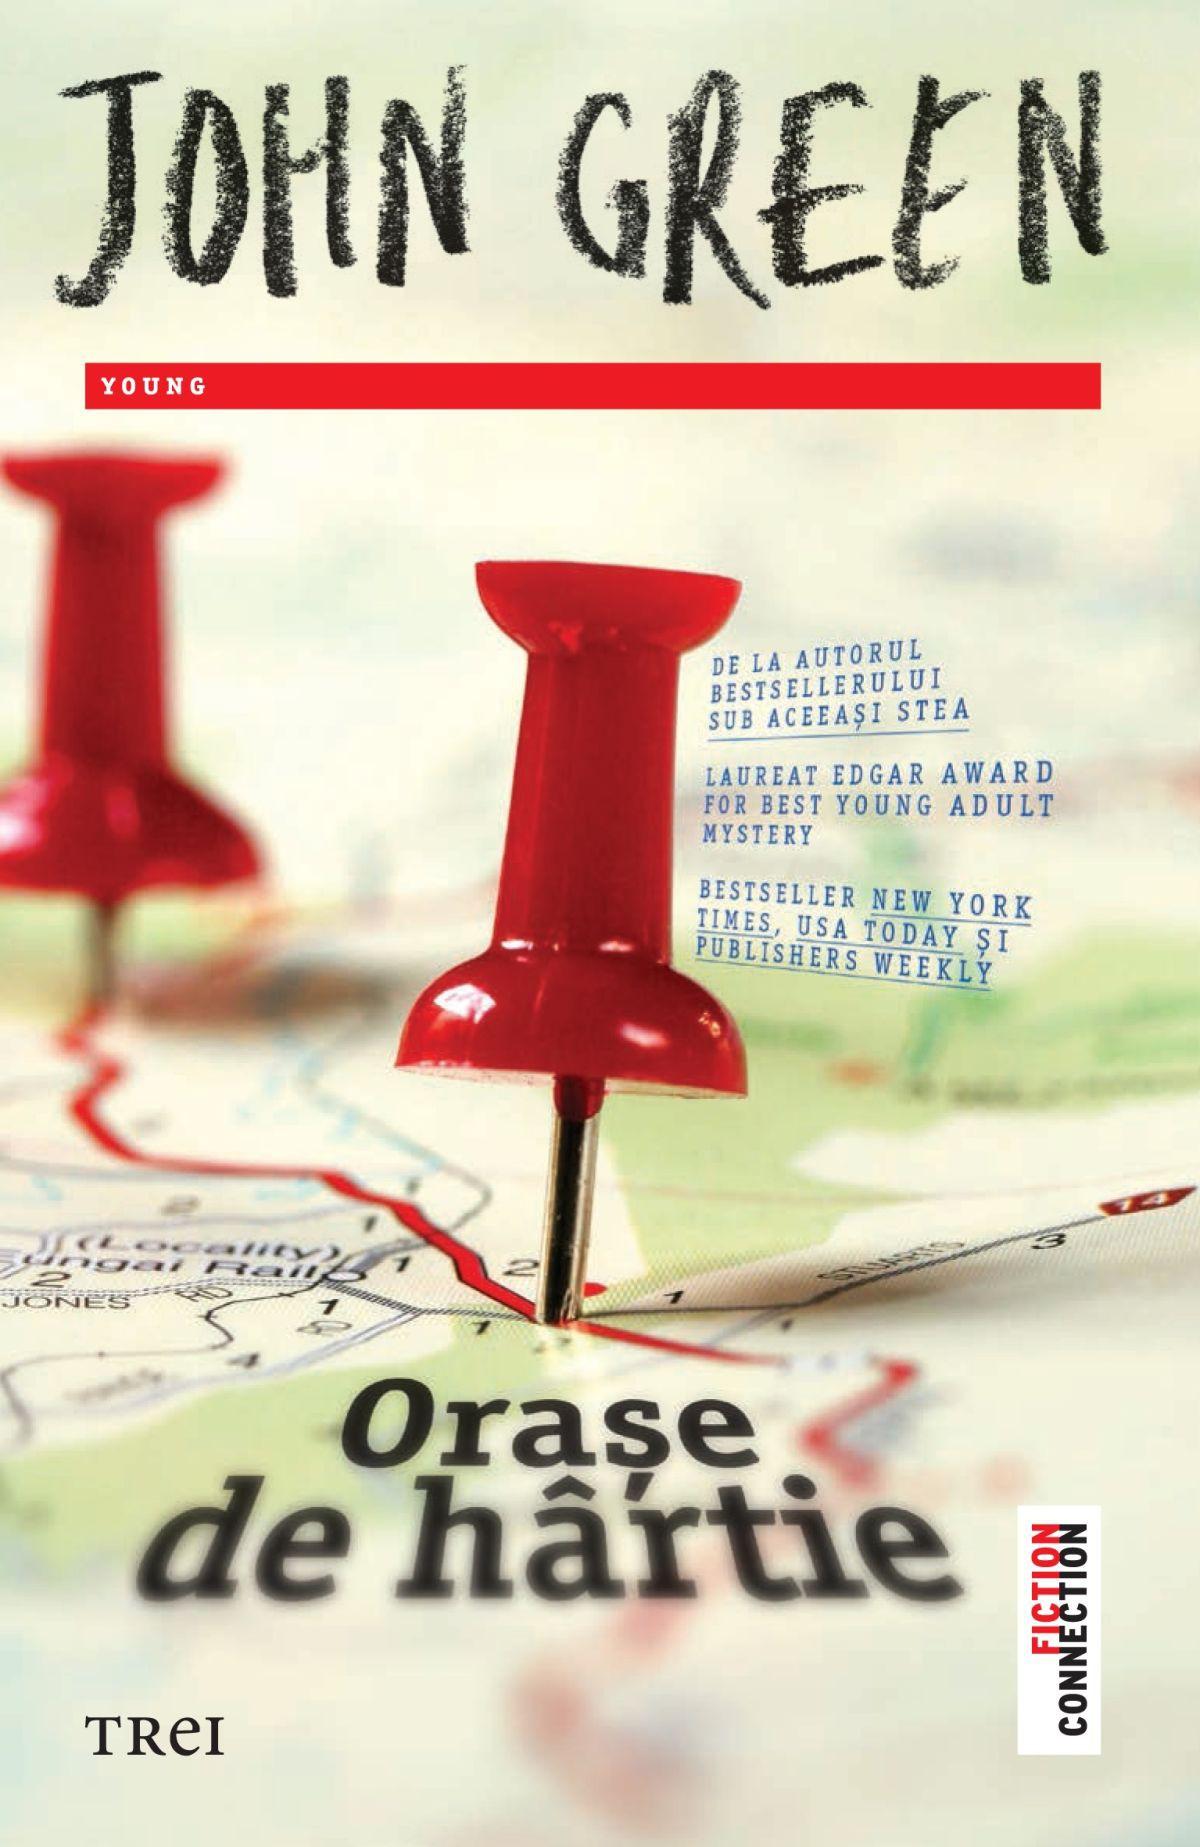 Imagini pentru orase de hartie